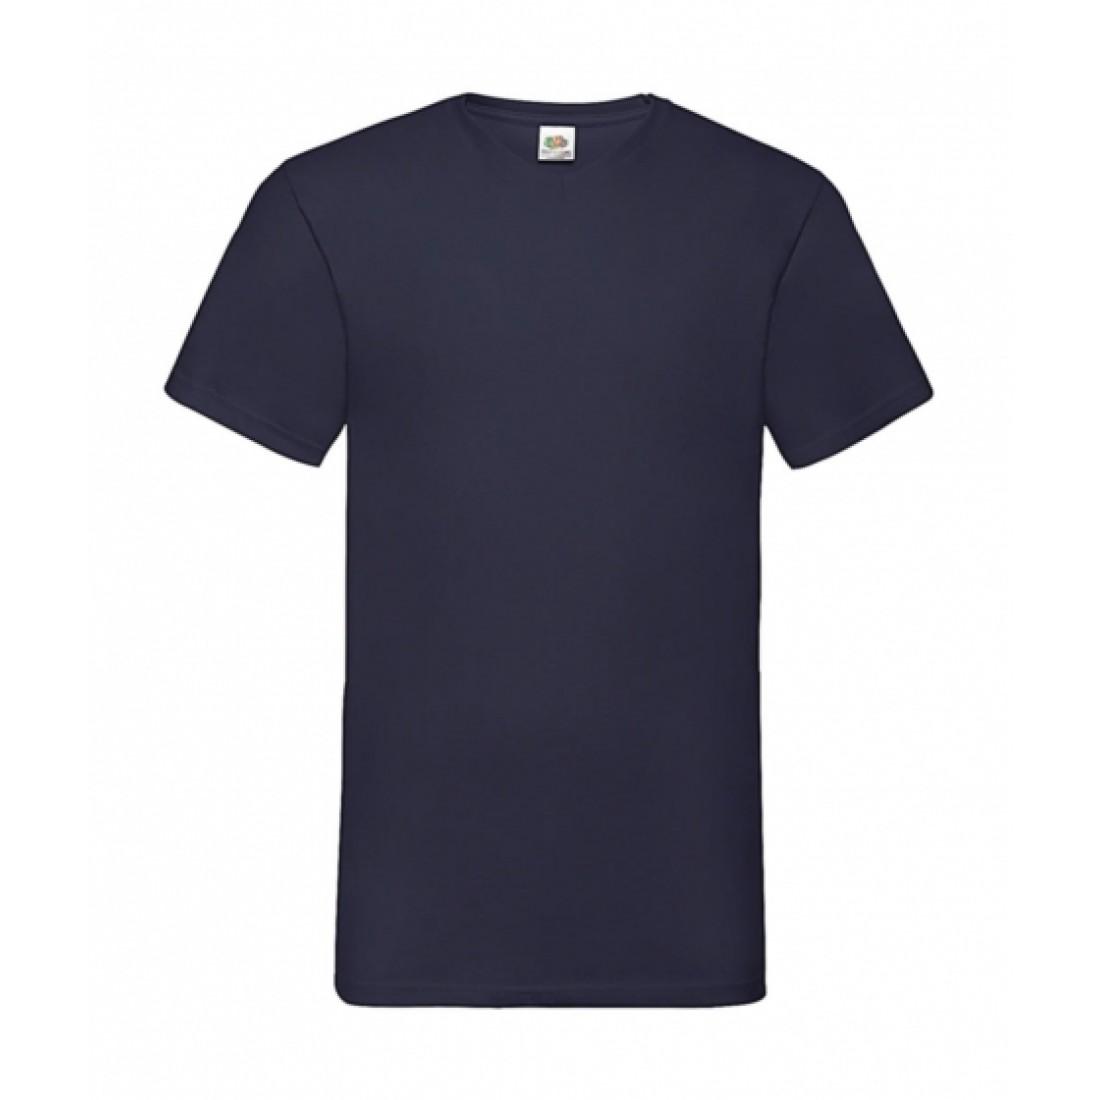 39b286a50b0d Ενδυση Εργασιας - Μπλουζάκι T-Shirt Fruit Of The Loom